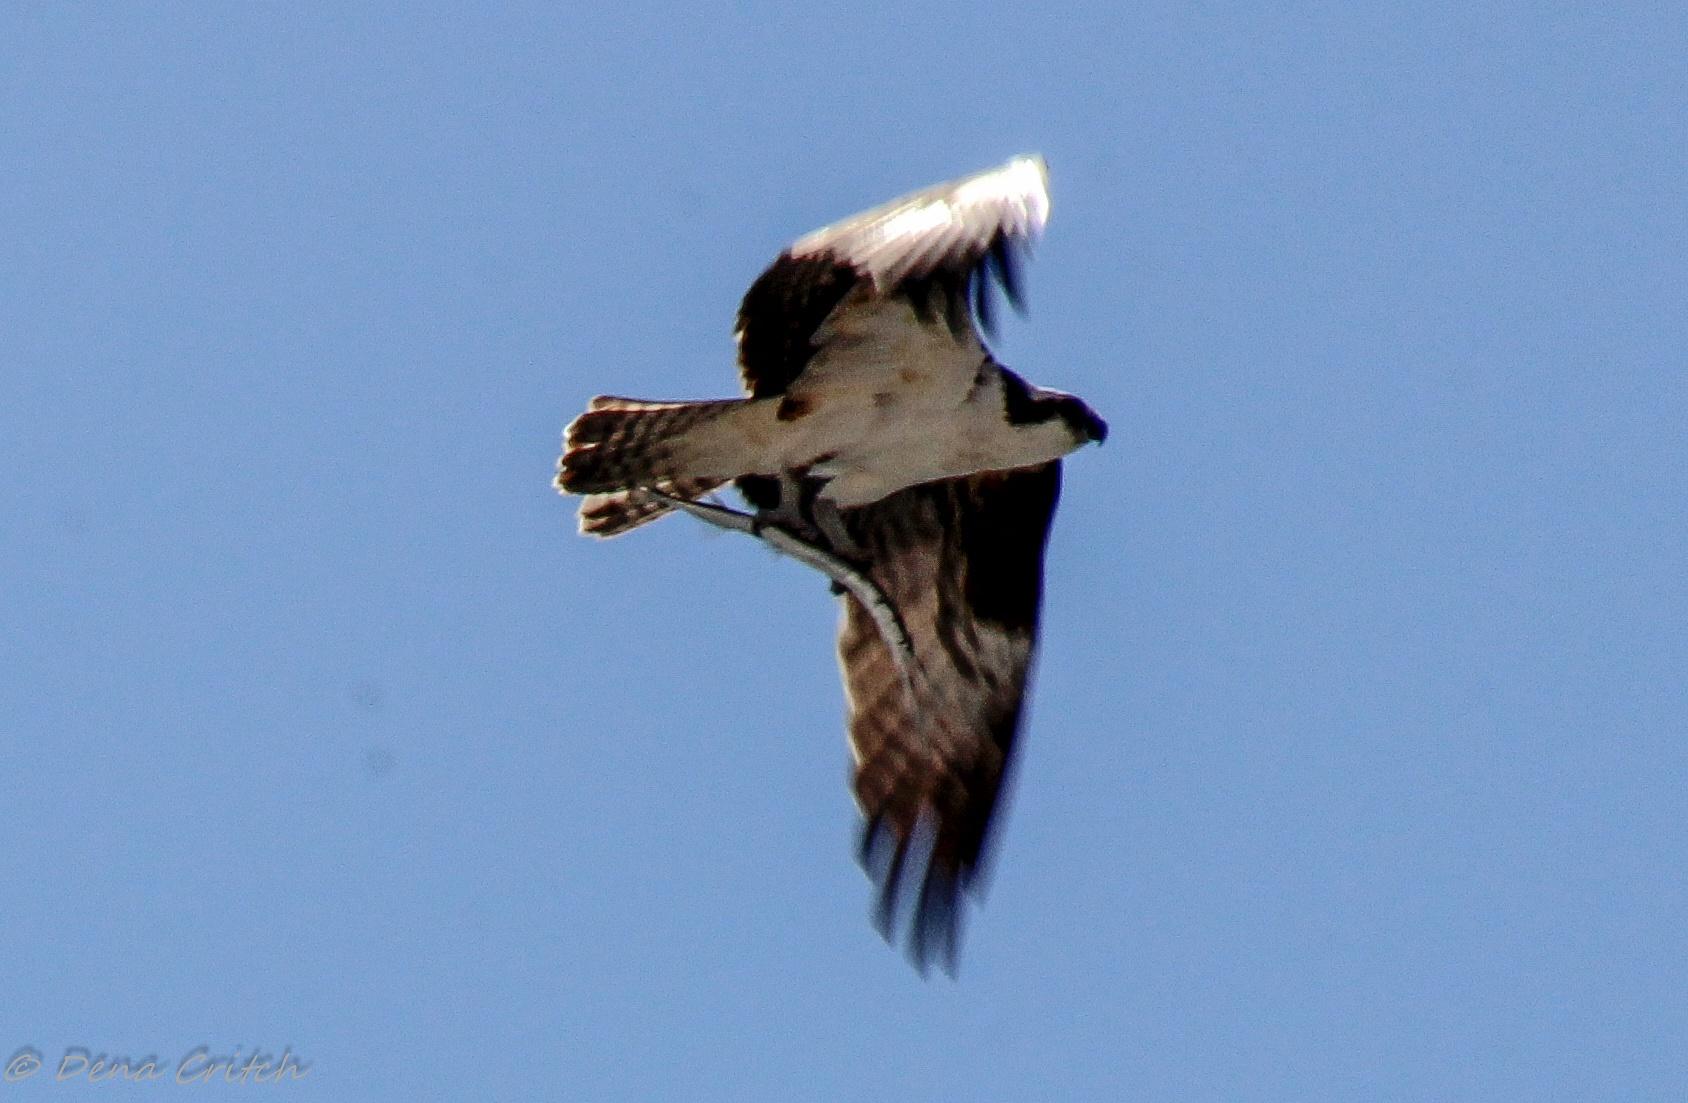 Osprey Dinner Time by dena.critch